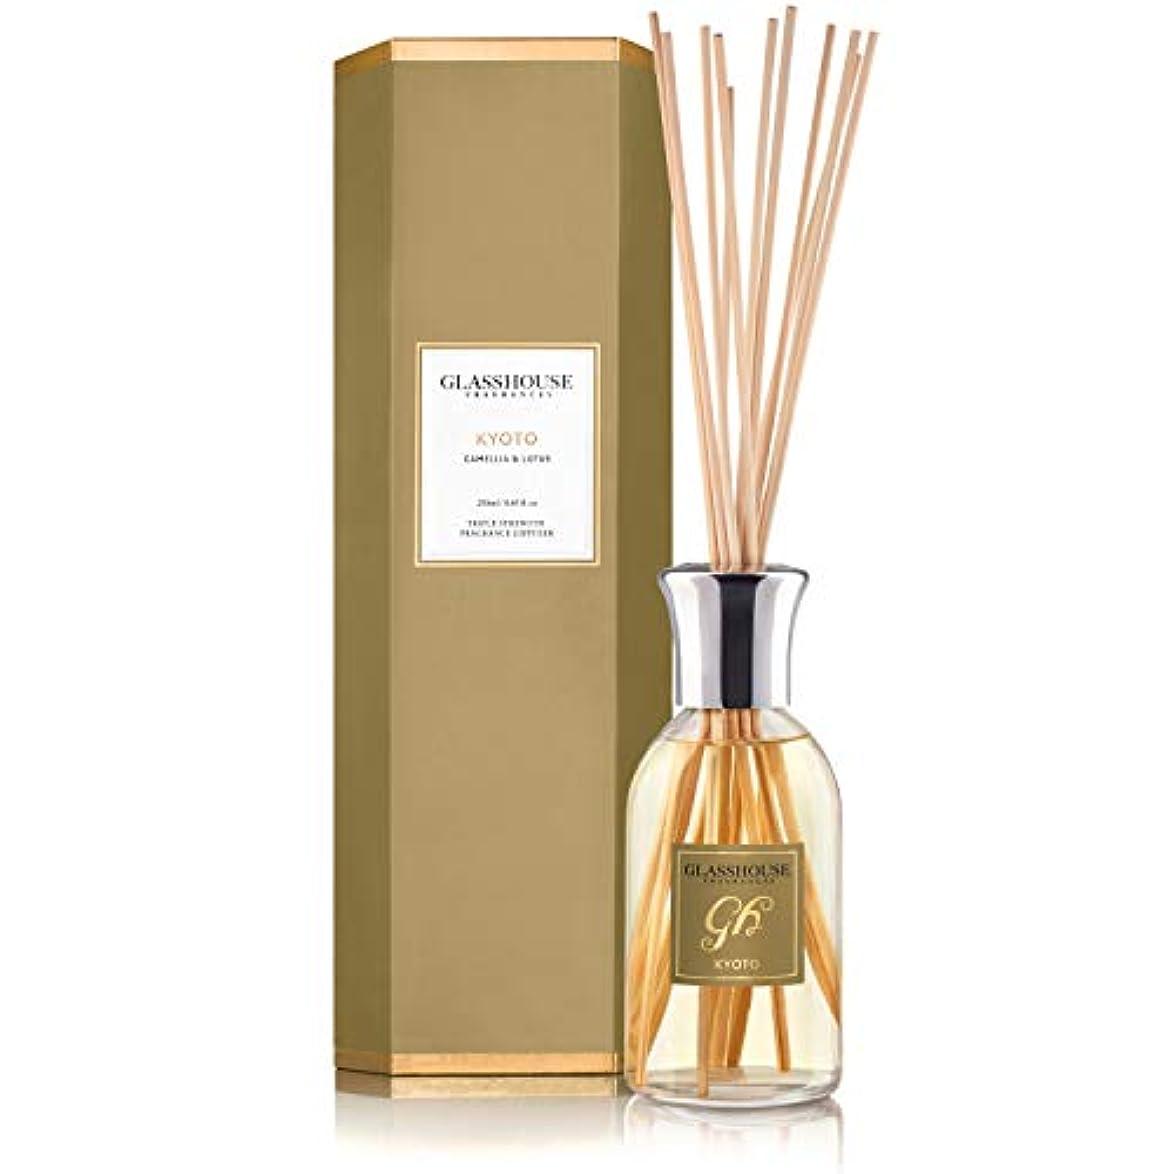 カバレッジトランスミッション今日グラスハウス Triple Strength Fragrance Diffuser - Kyoto (Camellia & Lotus) 250ml/8.45oz並行輸入品